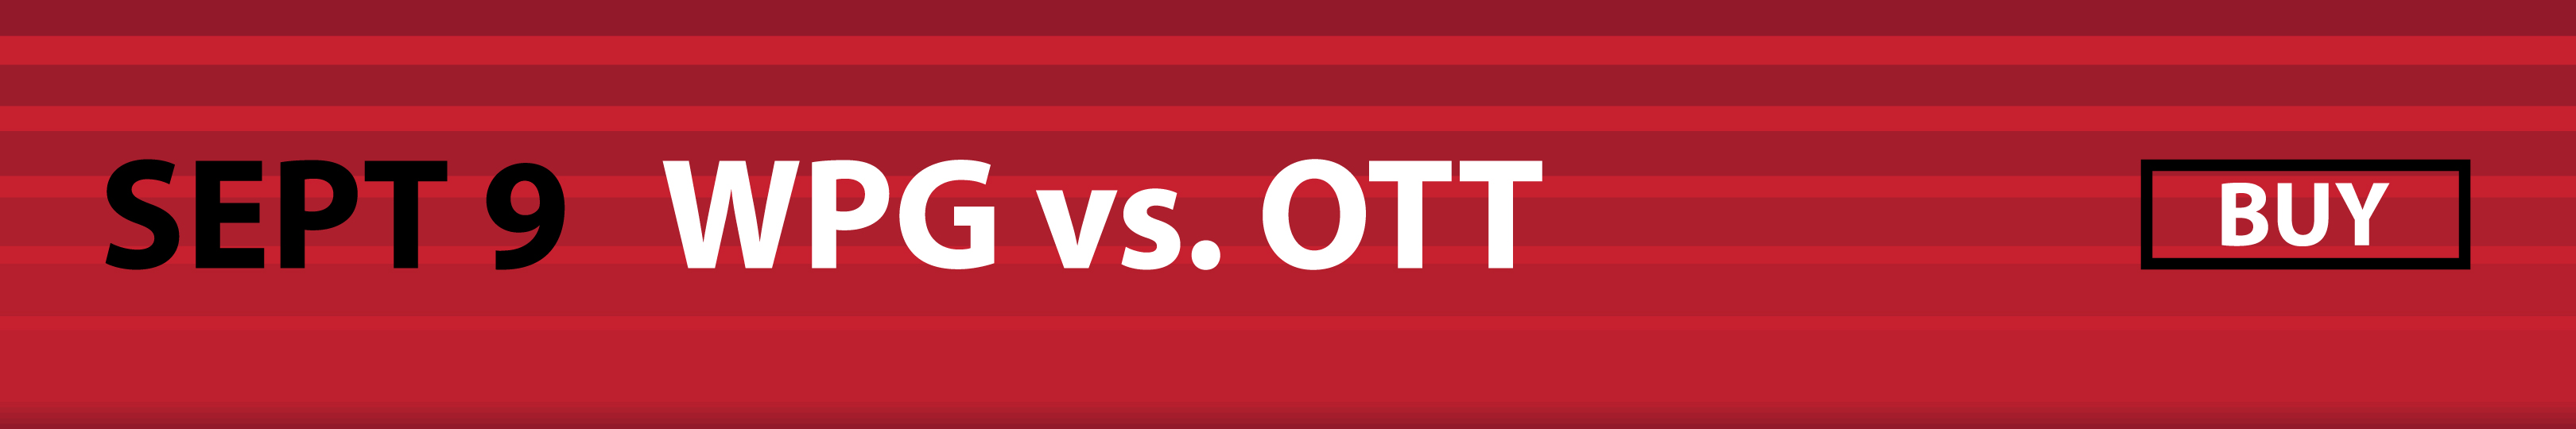 September 9 - Winnipeg Jets vs. Ottawa Senators